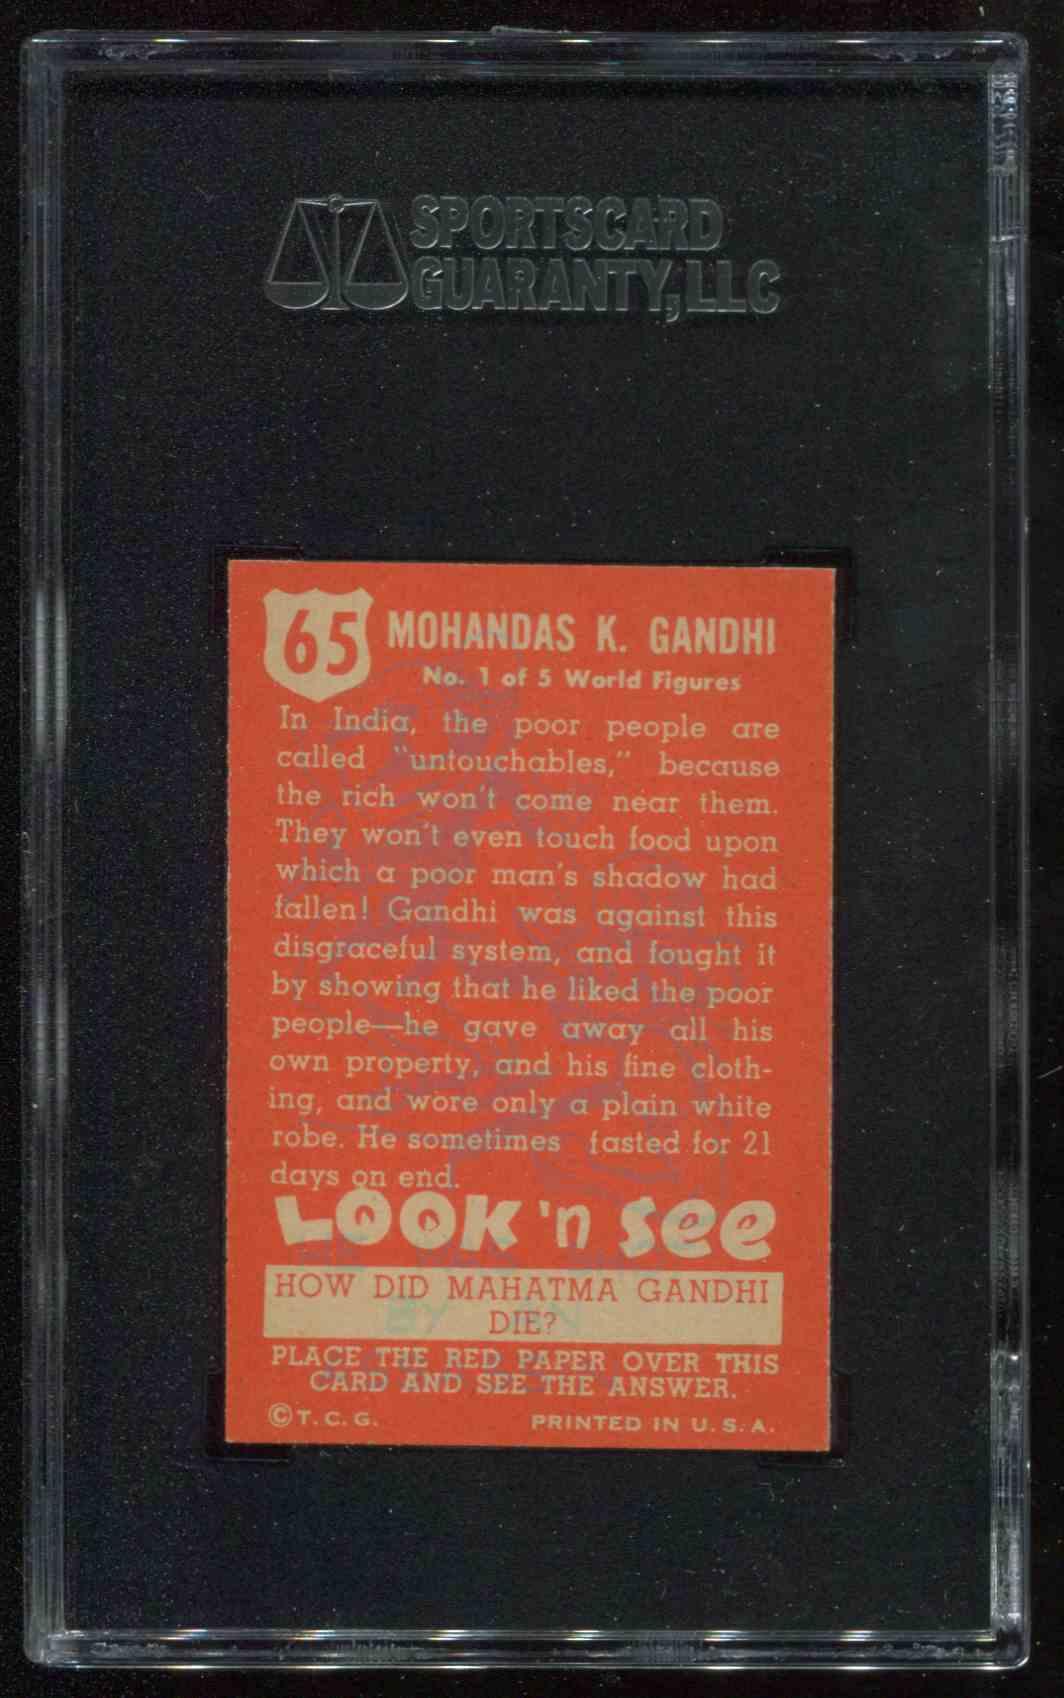 1952 Topps Look 'N See Mahatma Gandhi #65 card back image